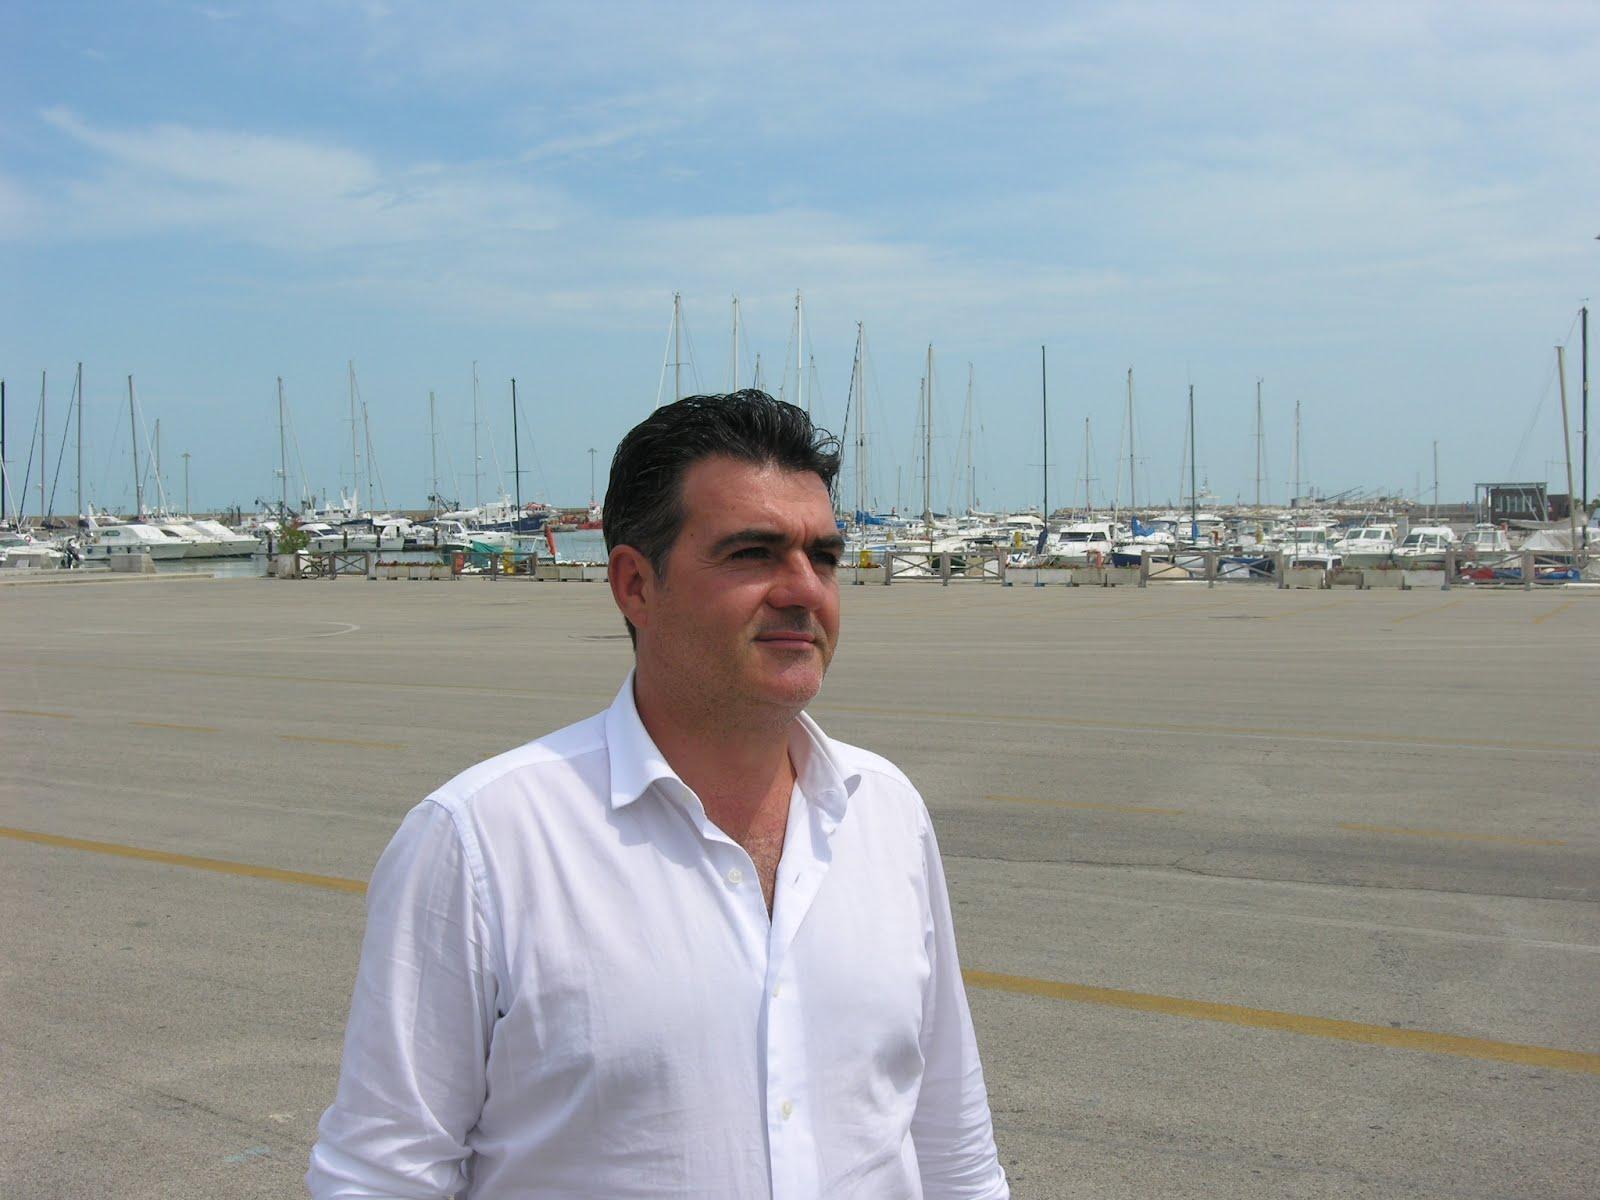 Agenzia escort gay escorts in vicenza italy